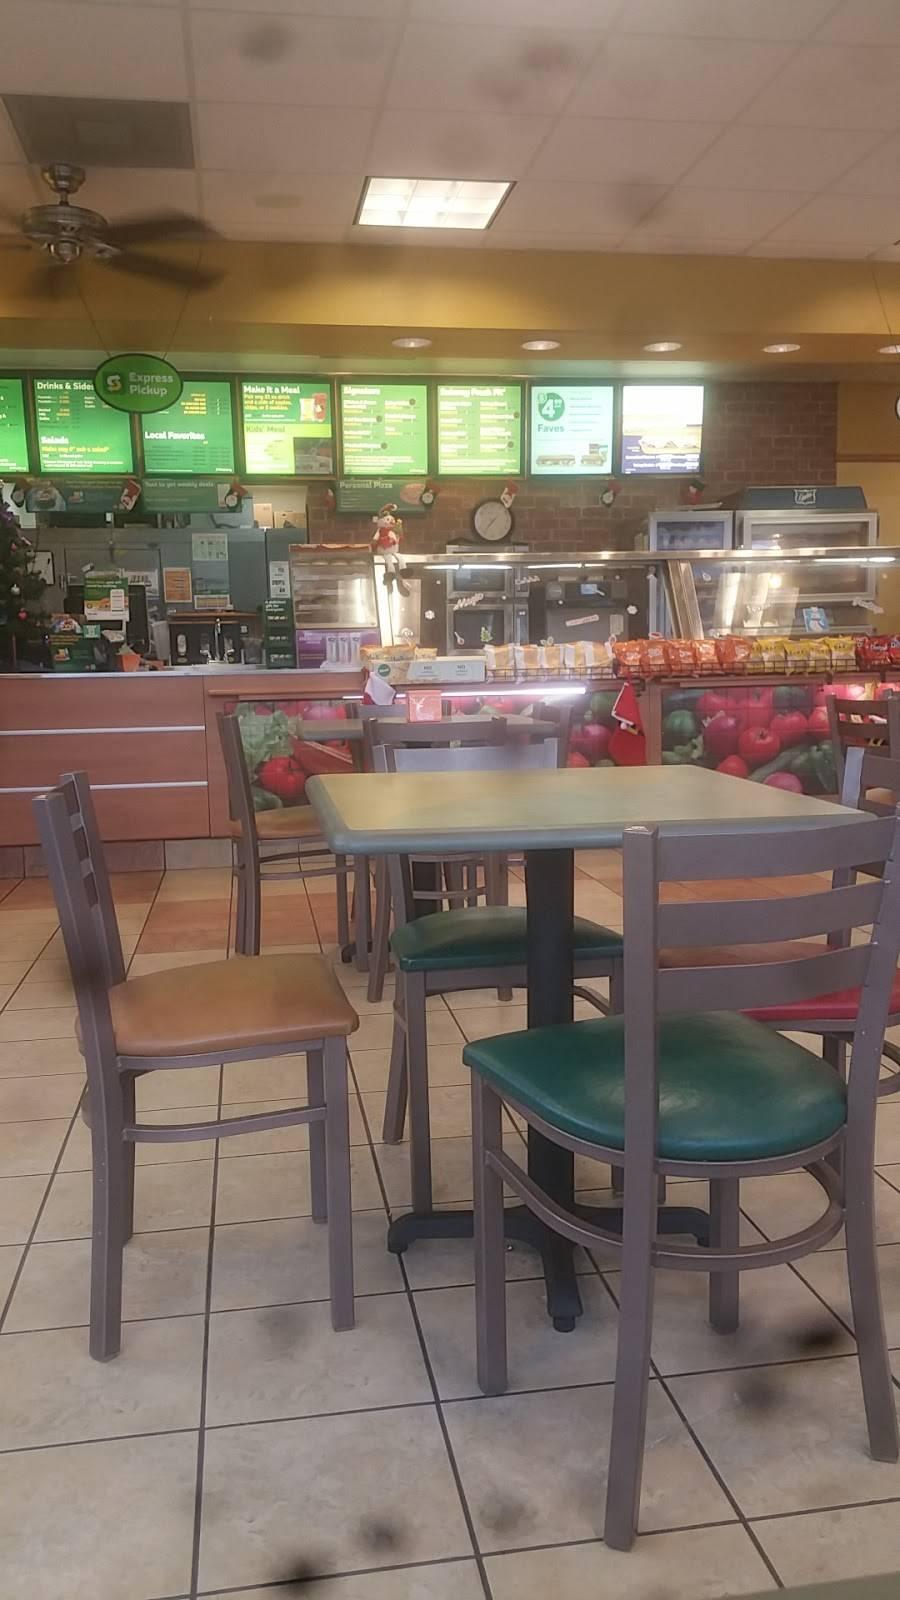 Subway   restaurant   1580 IL-121, Mt Zion, IL 62549, USA   2178640965 OR +1 217-864-0965